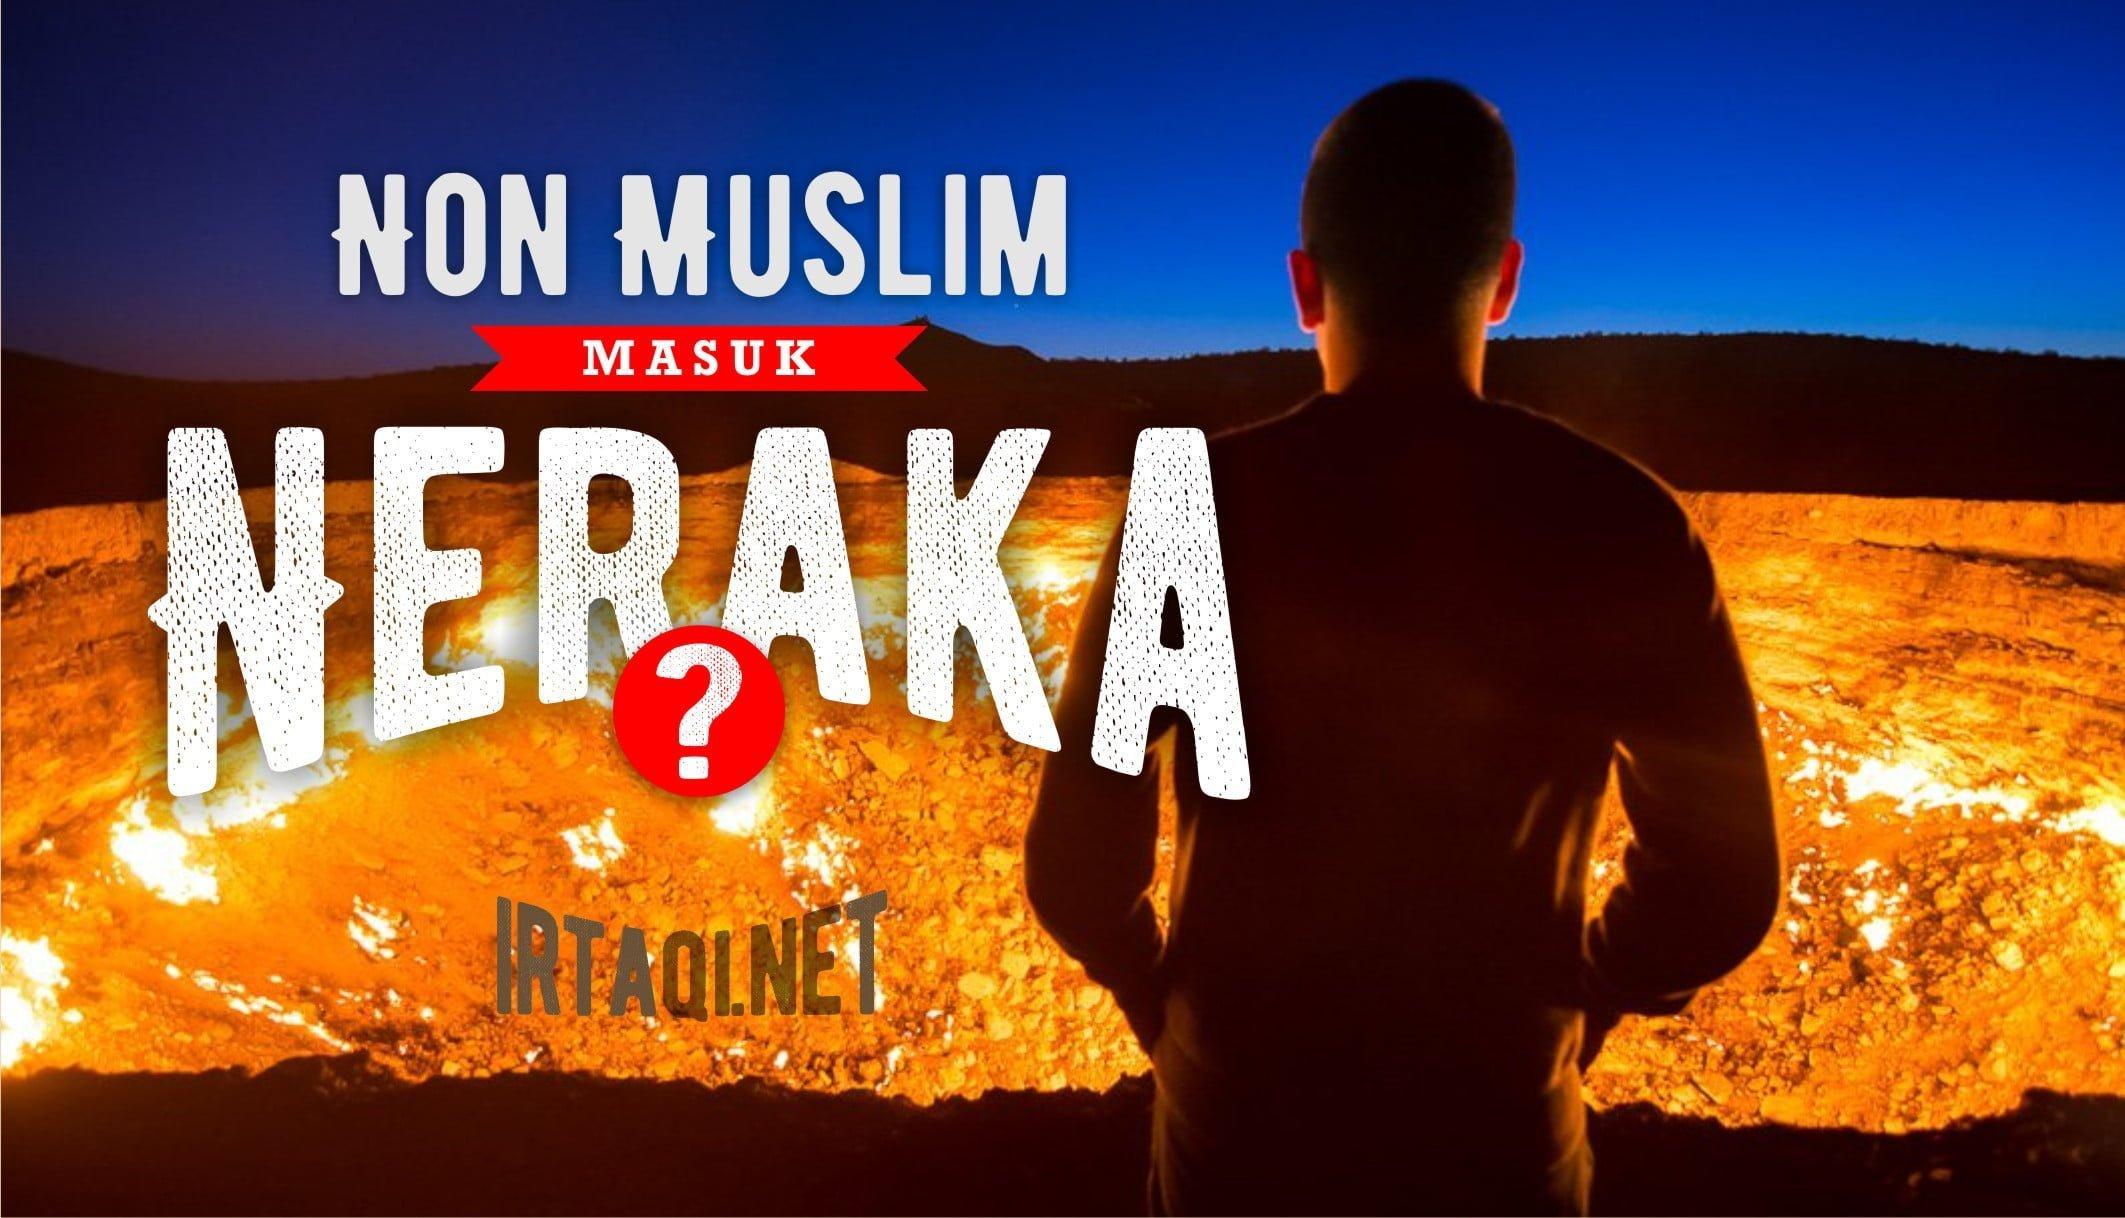 NON MUSLIM PASTI MASUK NERAKA?